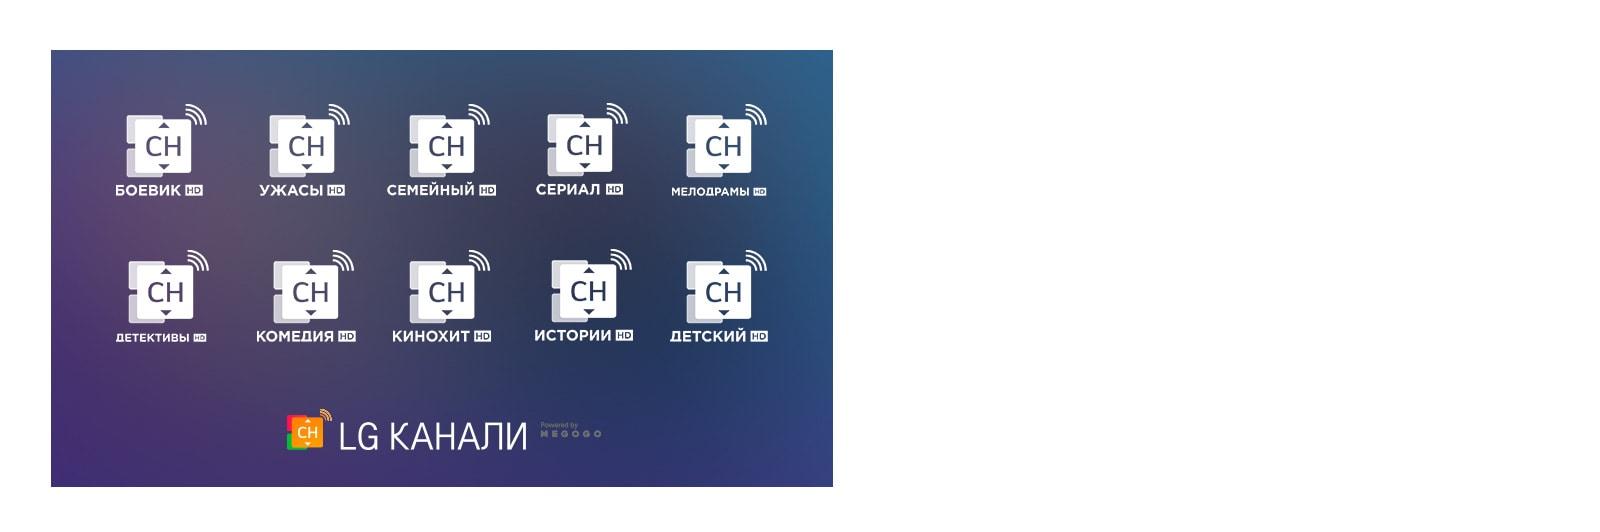 10 інтерактивних CH+ каналів, які можна дивитись без передплати